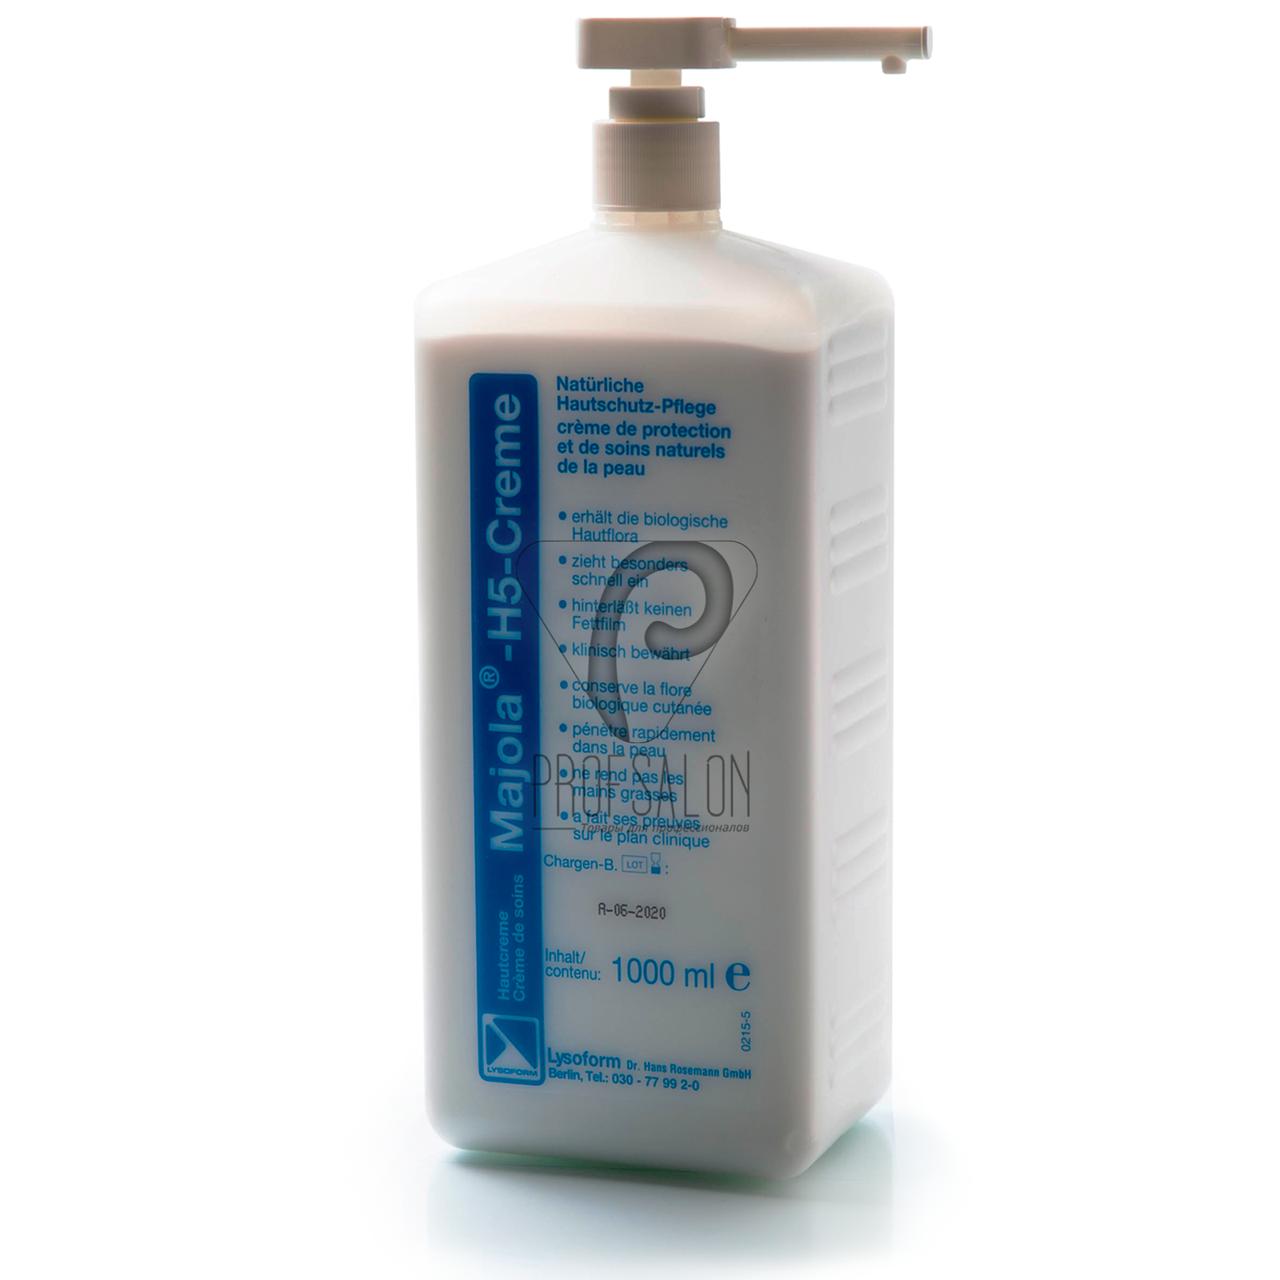 Крем Майола-Х5 (Majola H5-Creme), 1000 мл,медицинский профессиональный антибактериальный крем